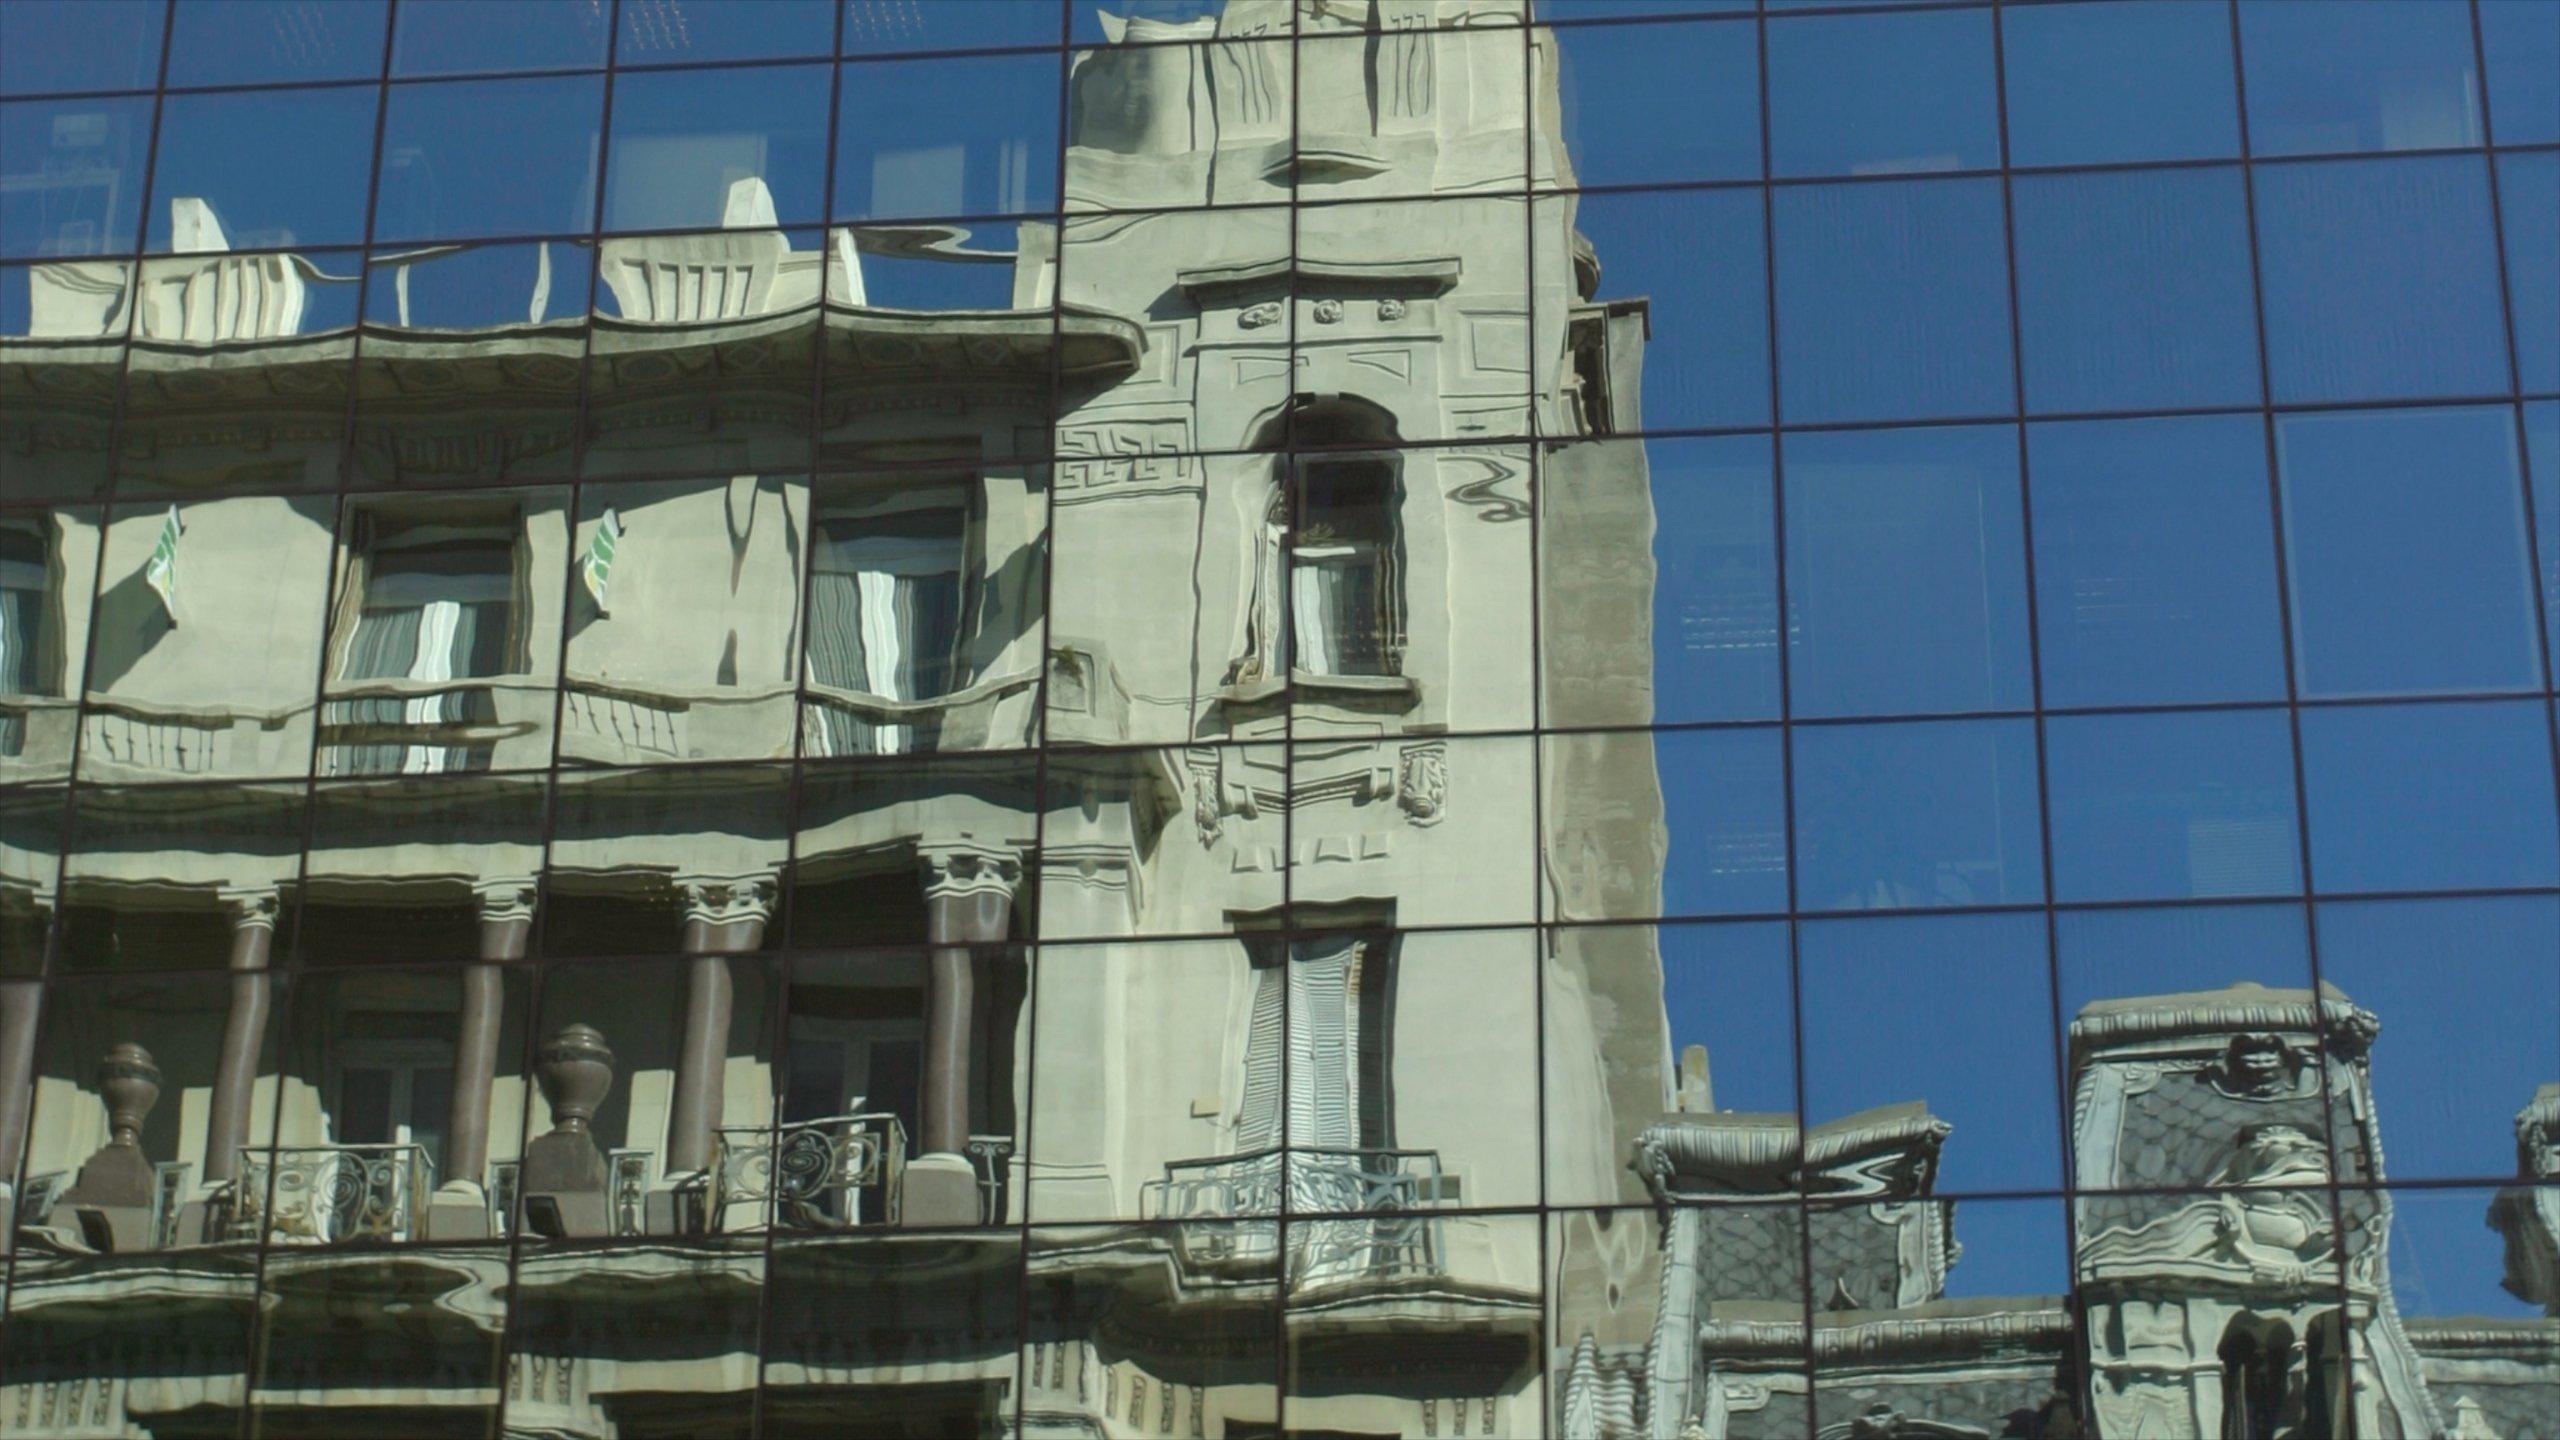 Montevideo Centro, Montevideo, Uruguay